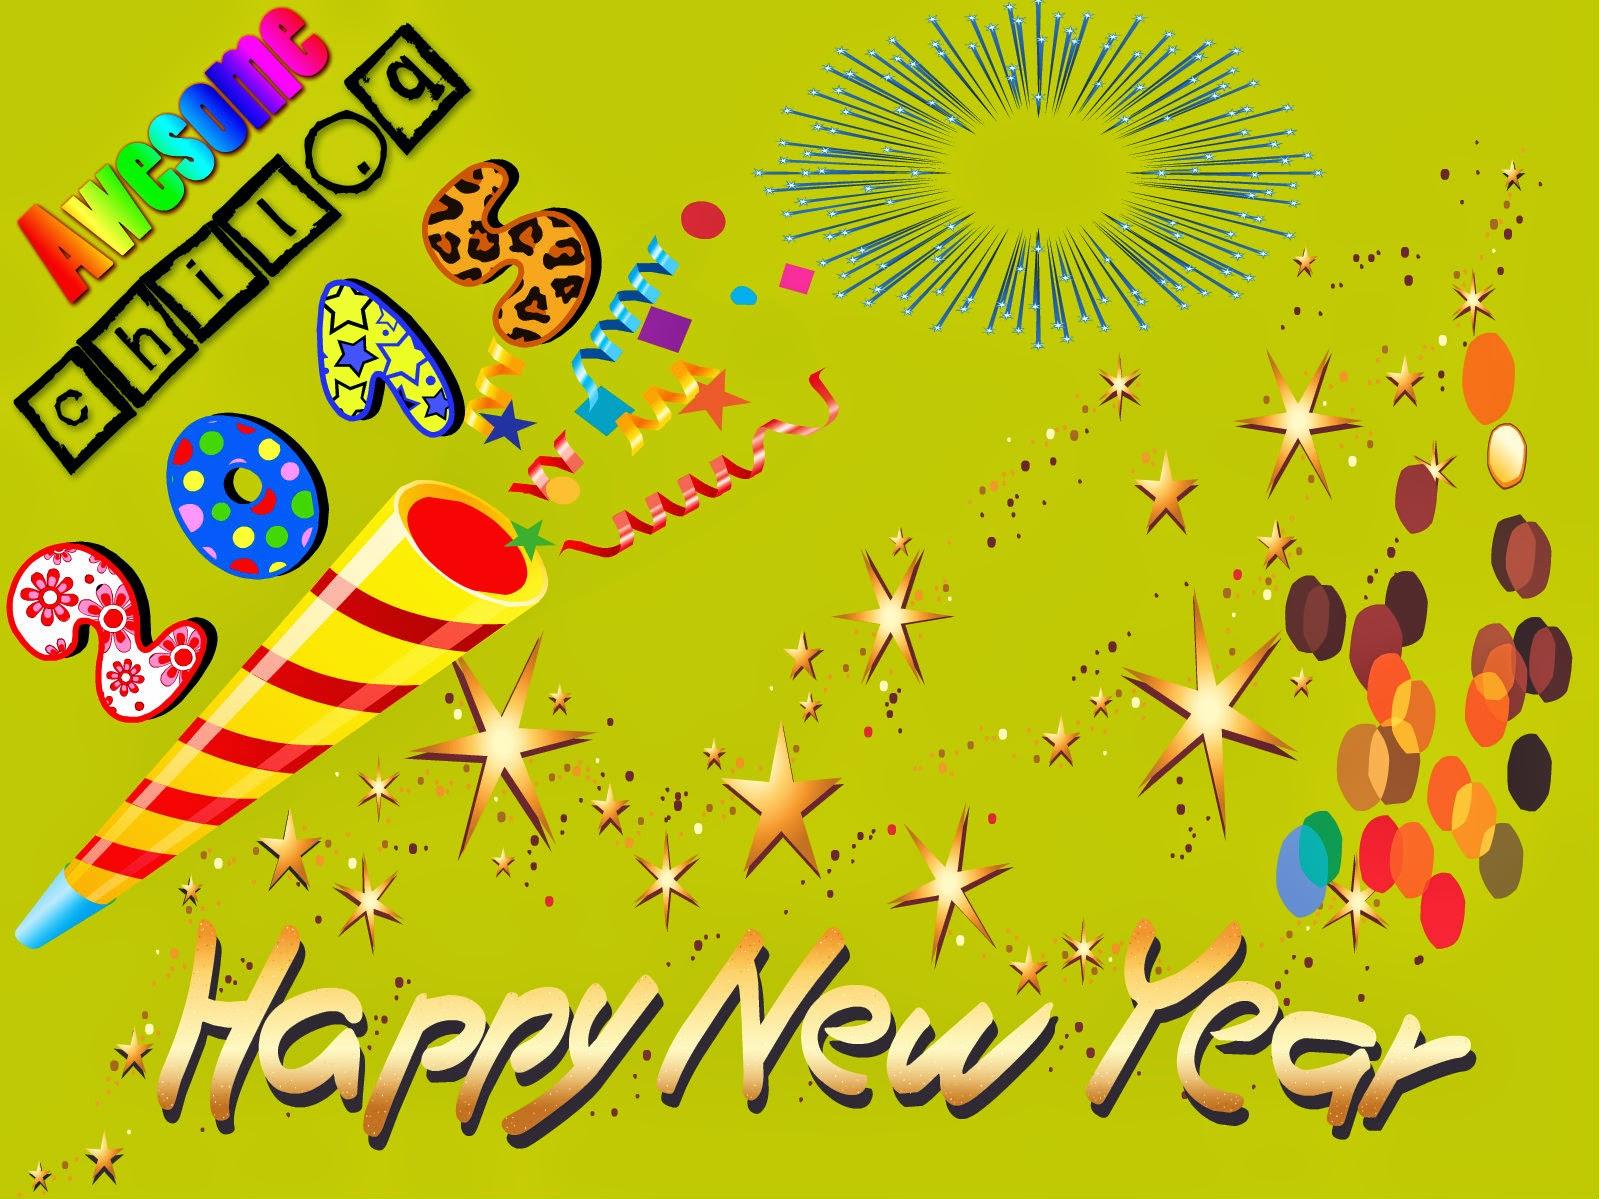 Kata Kata Romantis Ucapan Selamat Tahun Baru Untuk Pacar Kekasih ...